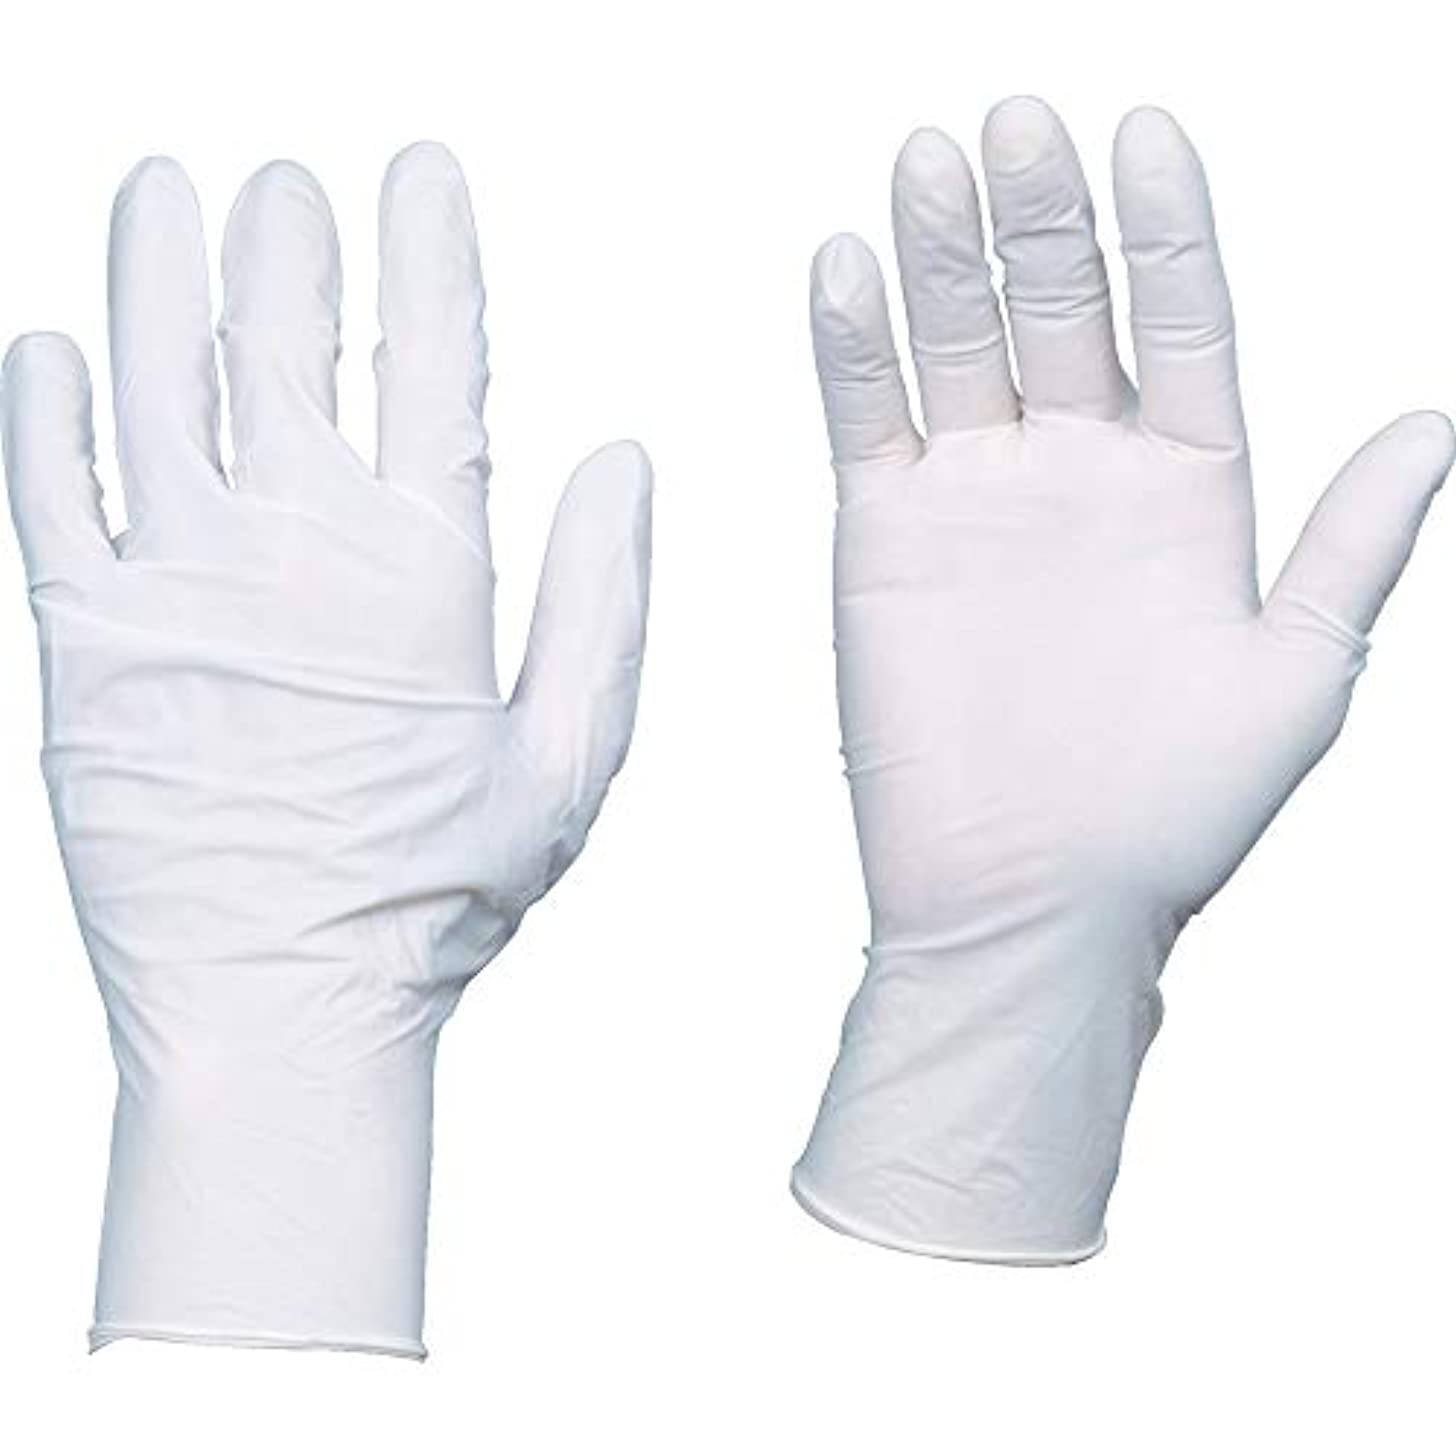 熱意有害堤防TRUSCO(トラスコ) 10箱入り 使い捨て天然ゴム手袋TGワーク 0.10 粉付白M TGPL10WM10C